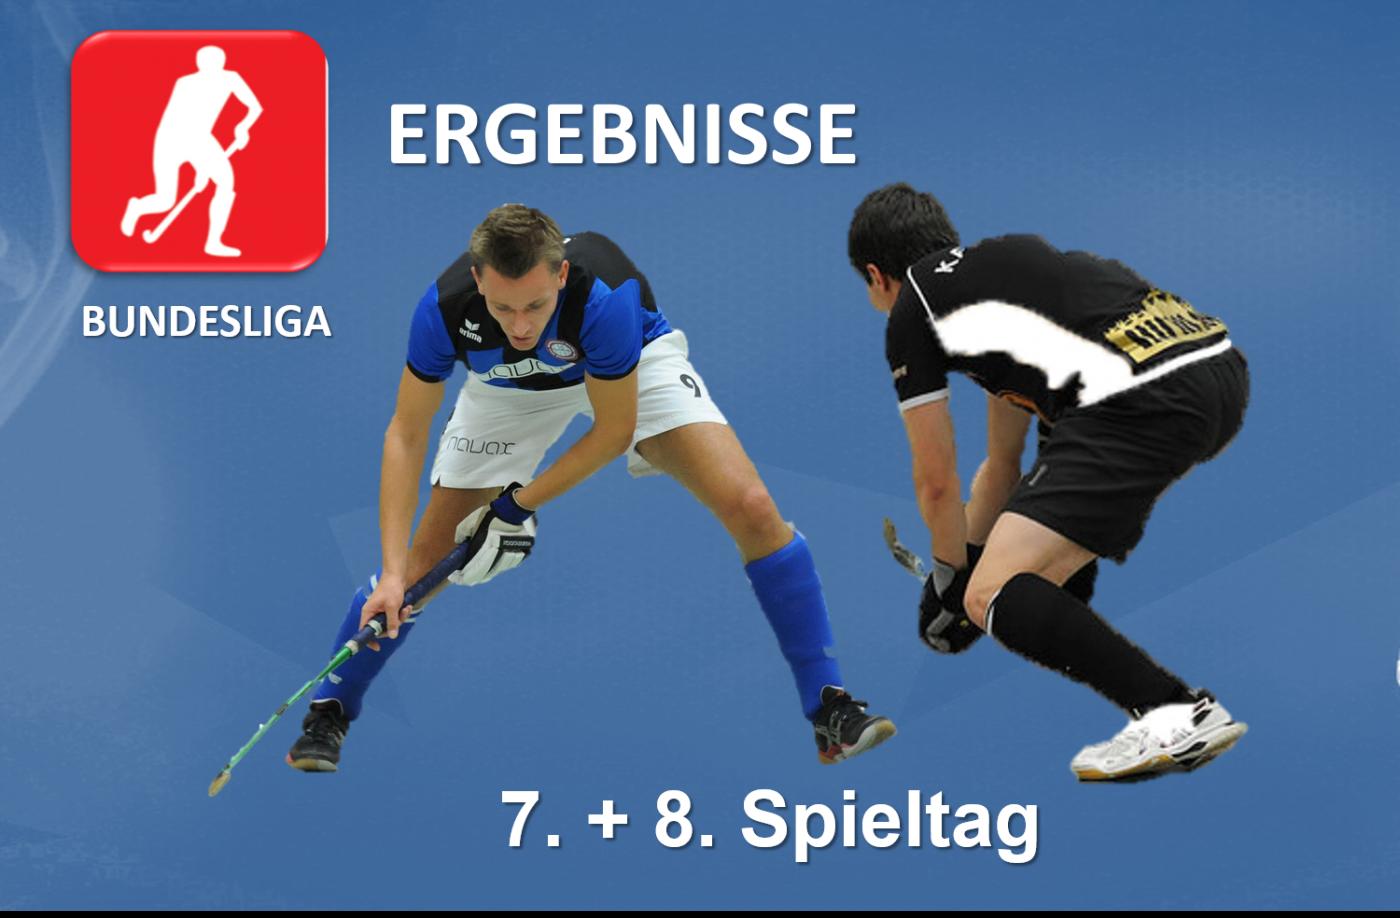 files/oehv/Bilder/2017/BL Herren Halle 2017/Herren Spieltag 7-8 Titel.png